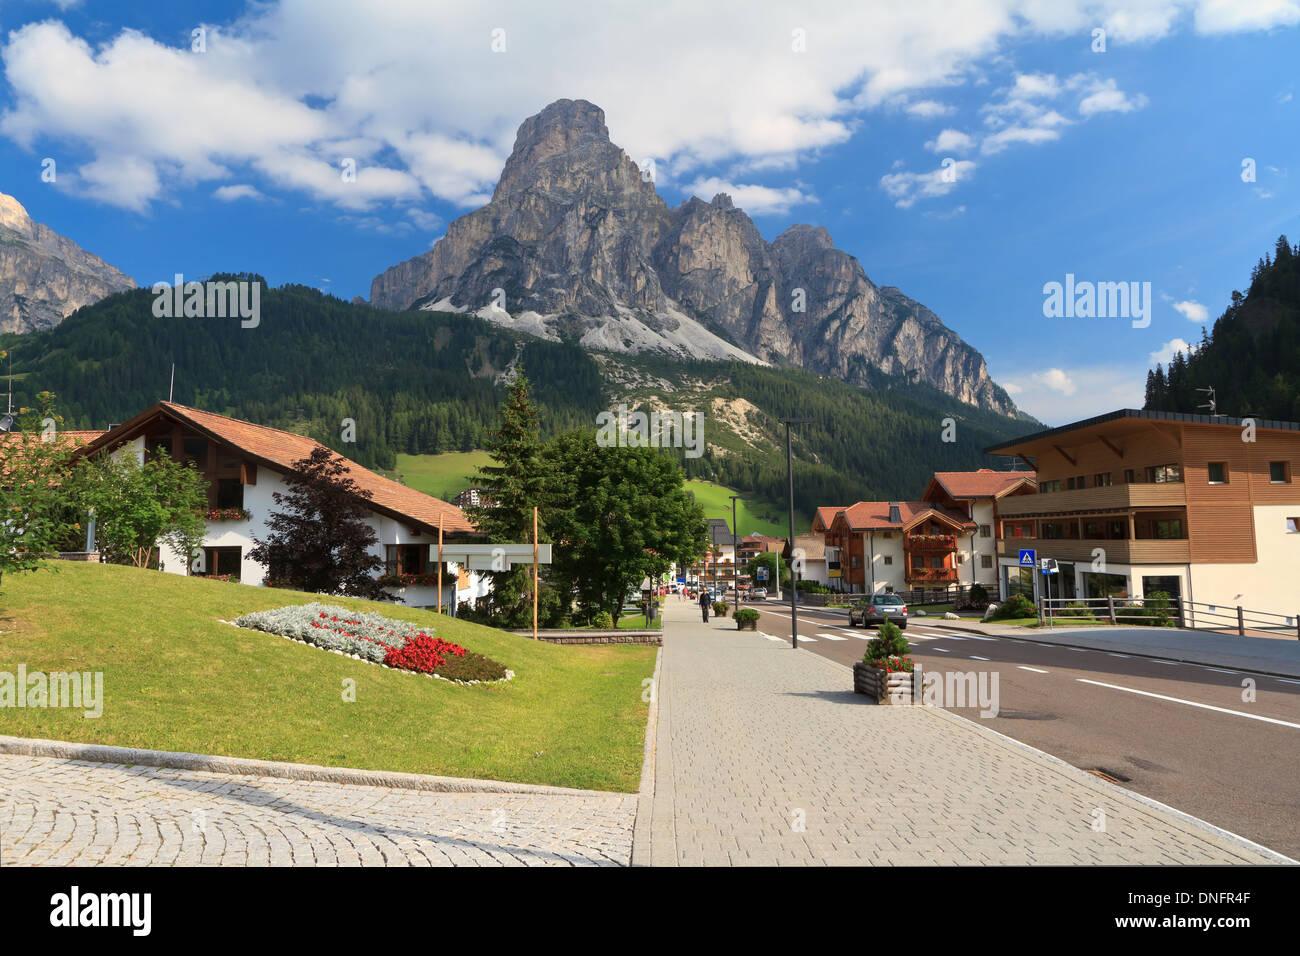 street in Corvara, famous village in Val Badia, Italian Dolomites Stock Photo